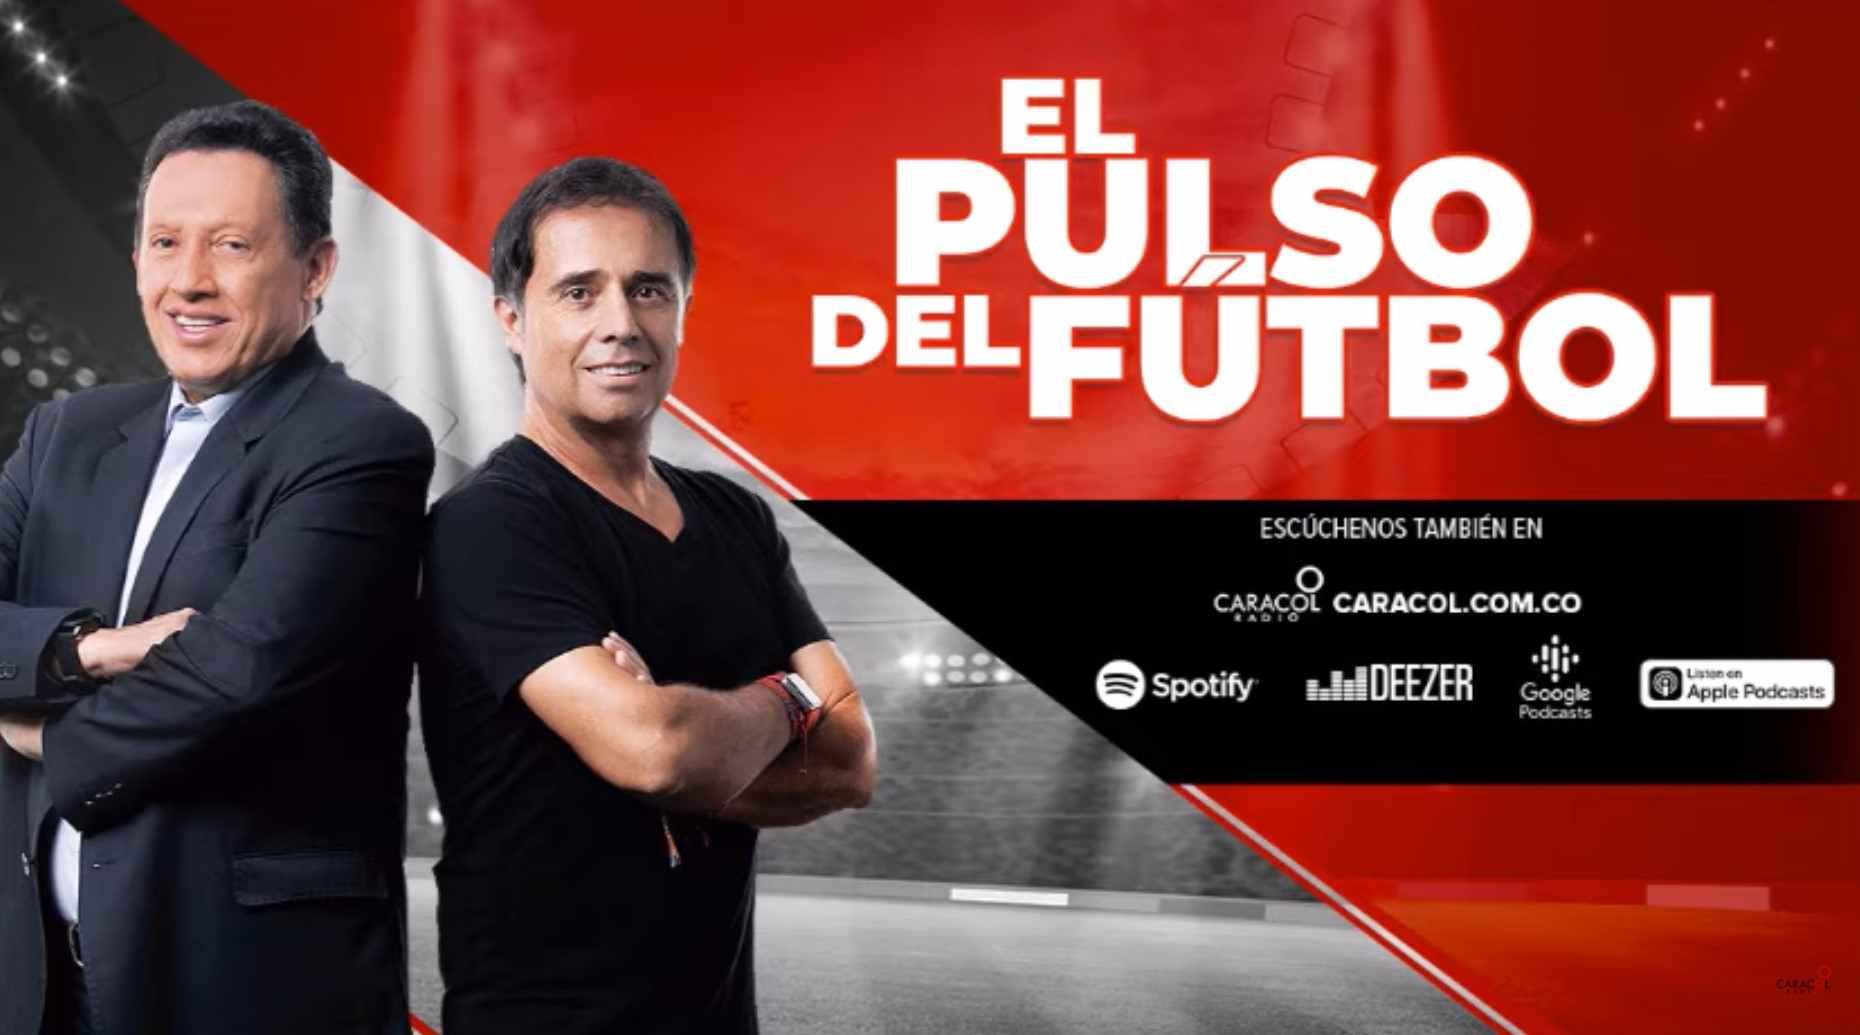 Audio del Pulso del Fútbol, 25 de mayo de 2021